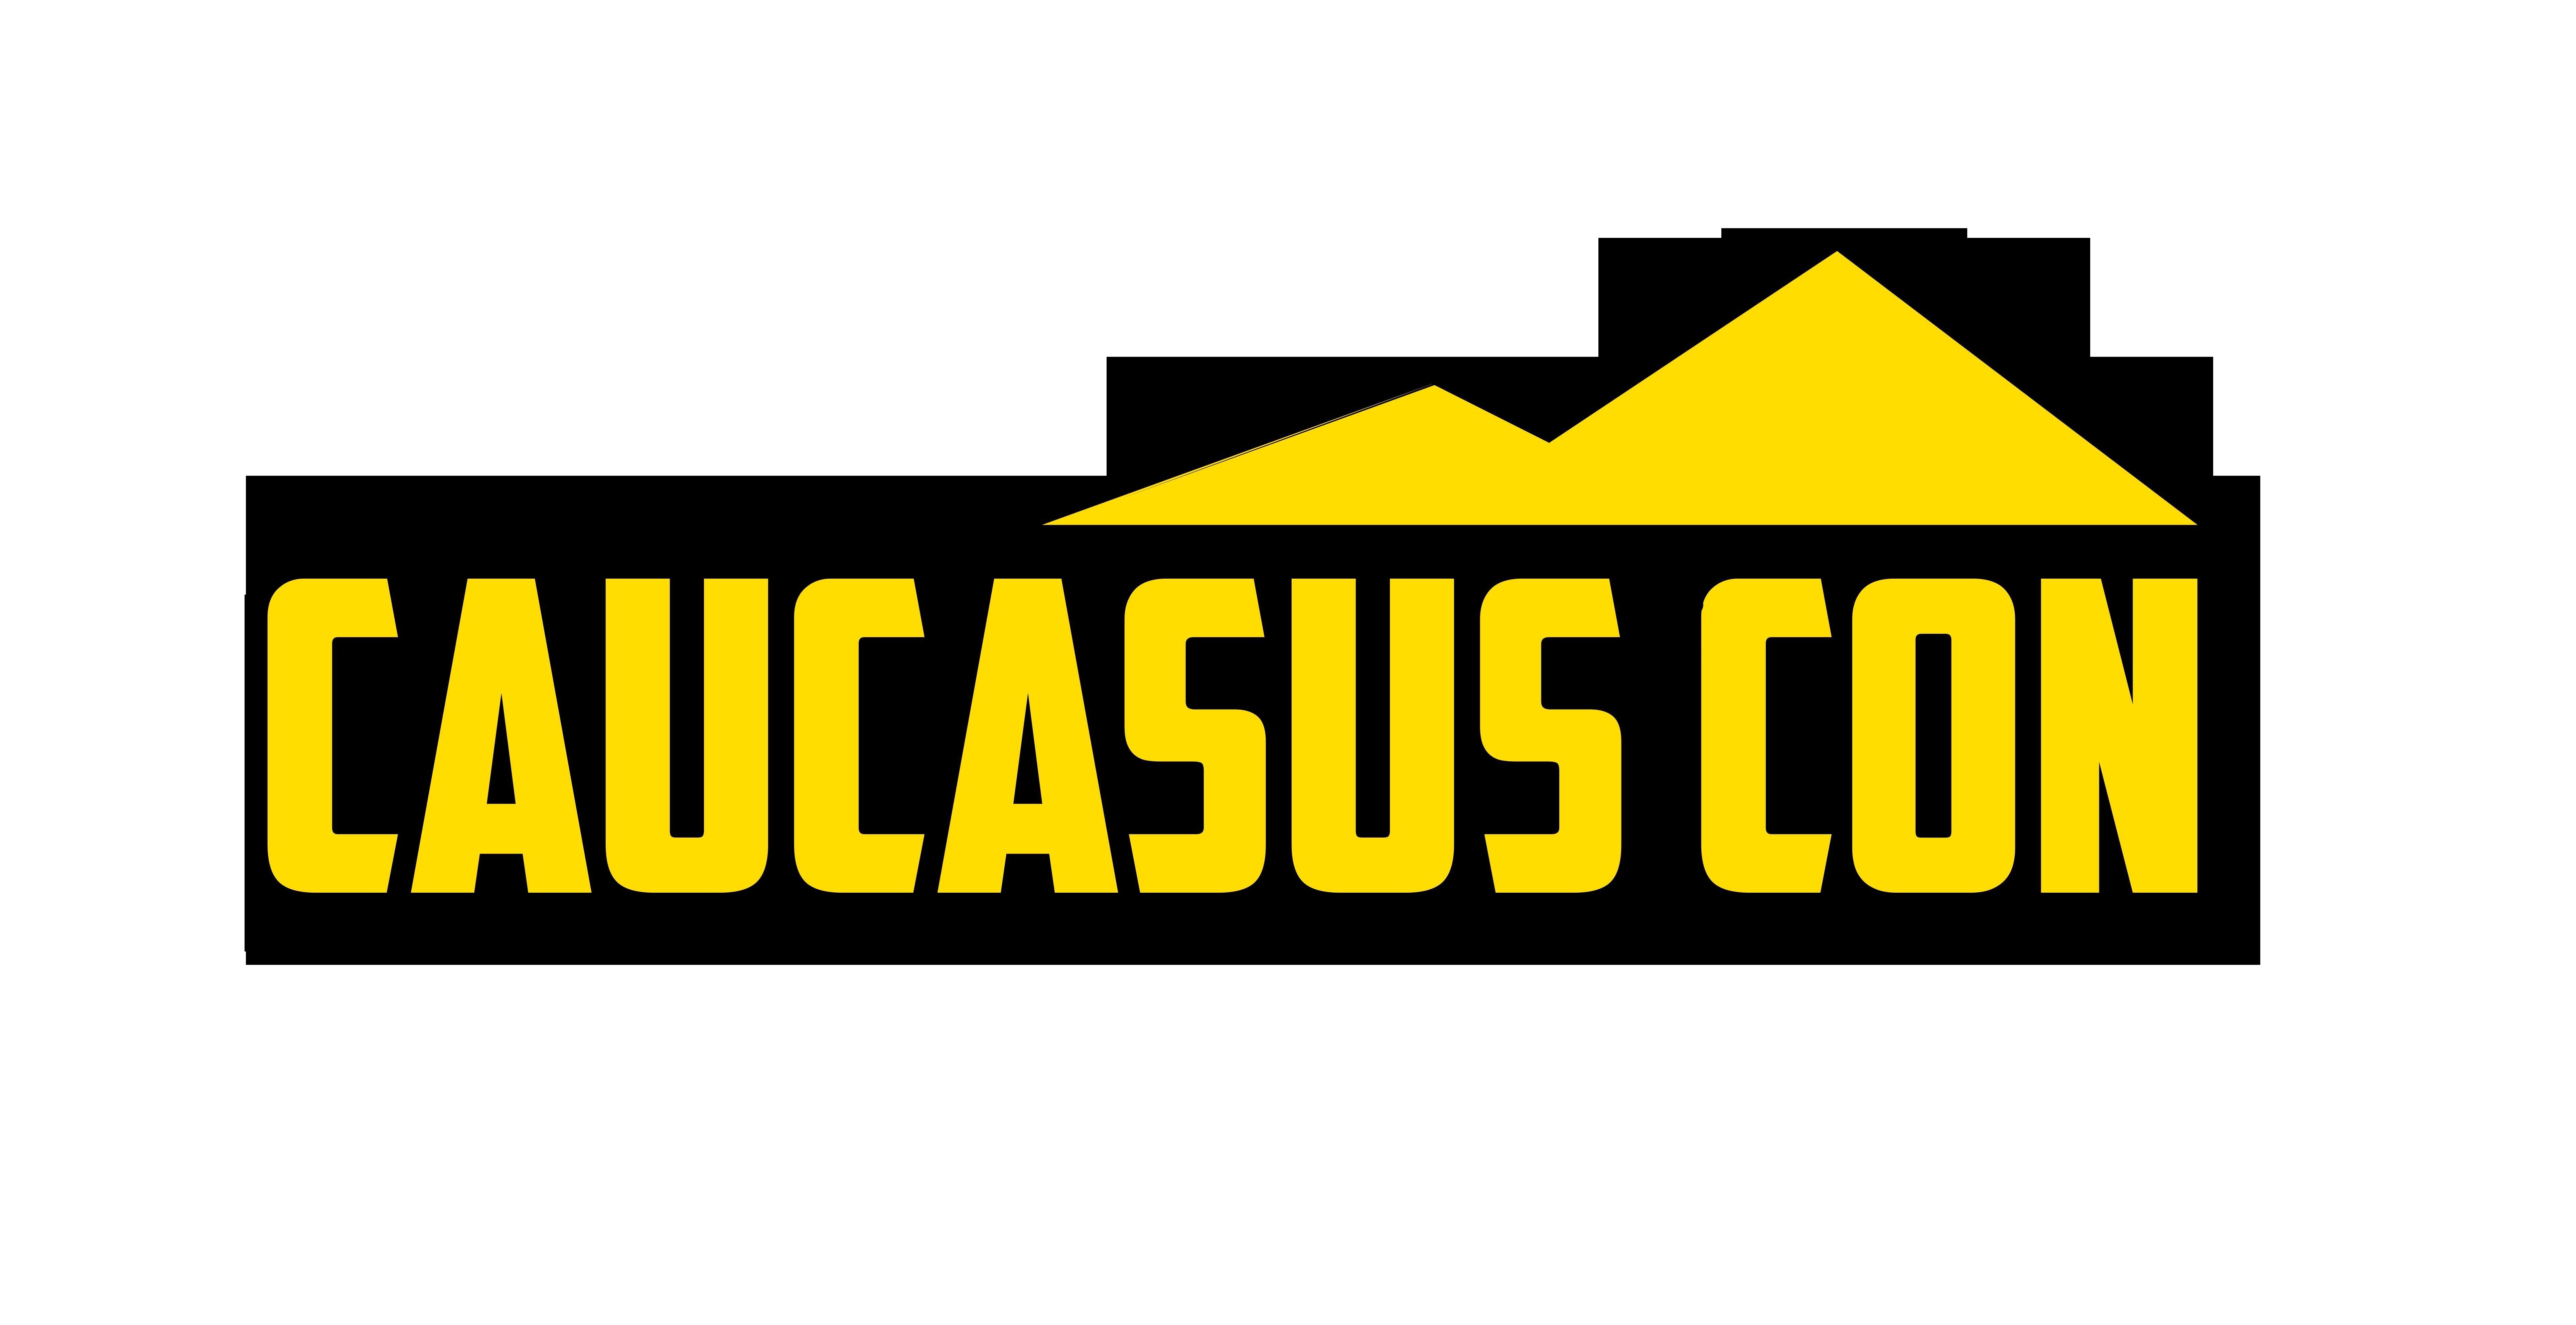 2-4 ნოემბერს პოპ-კულტურისა და ტექნოლოგიების ფესტივალი CAUCASUS  CON გაიმართება